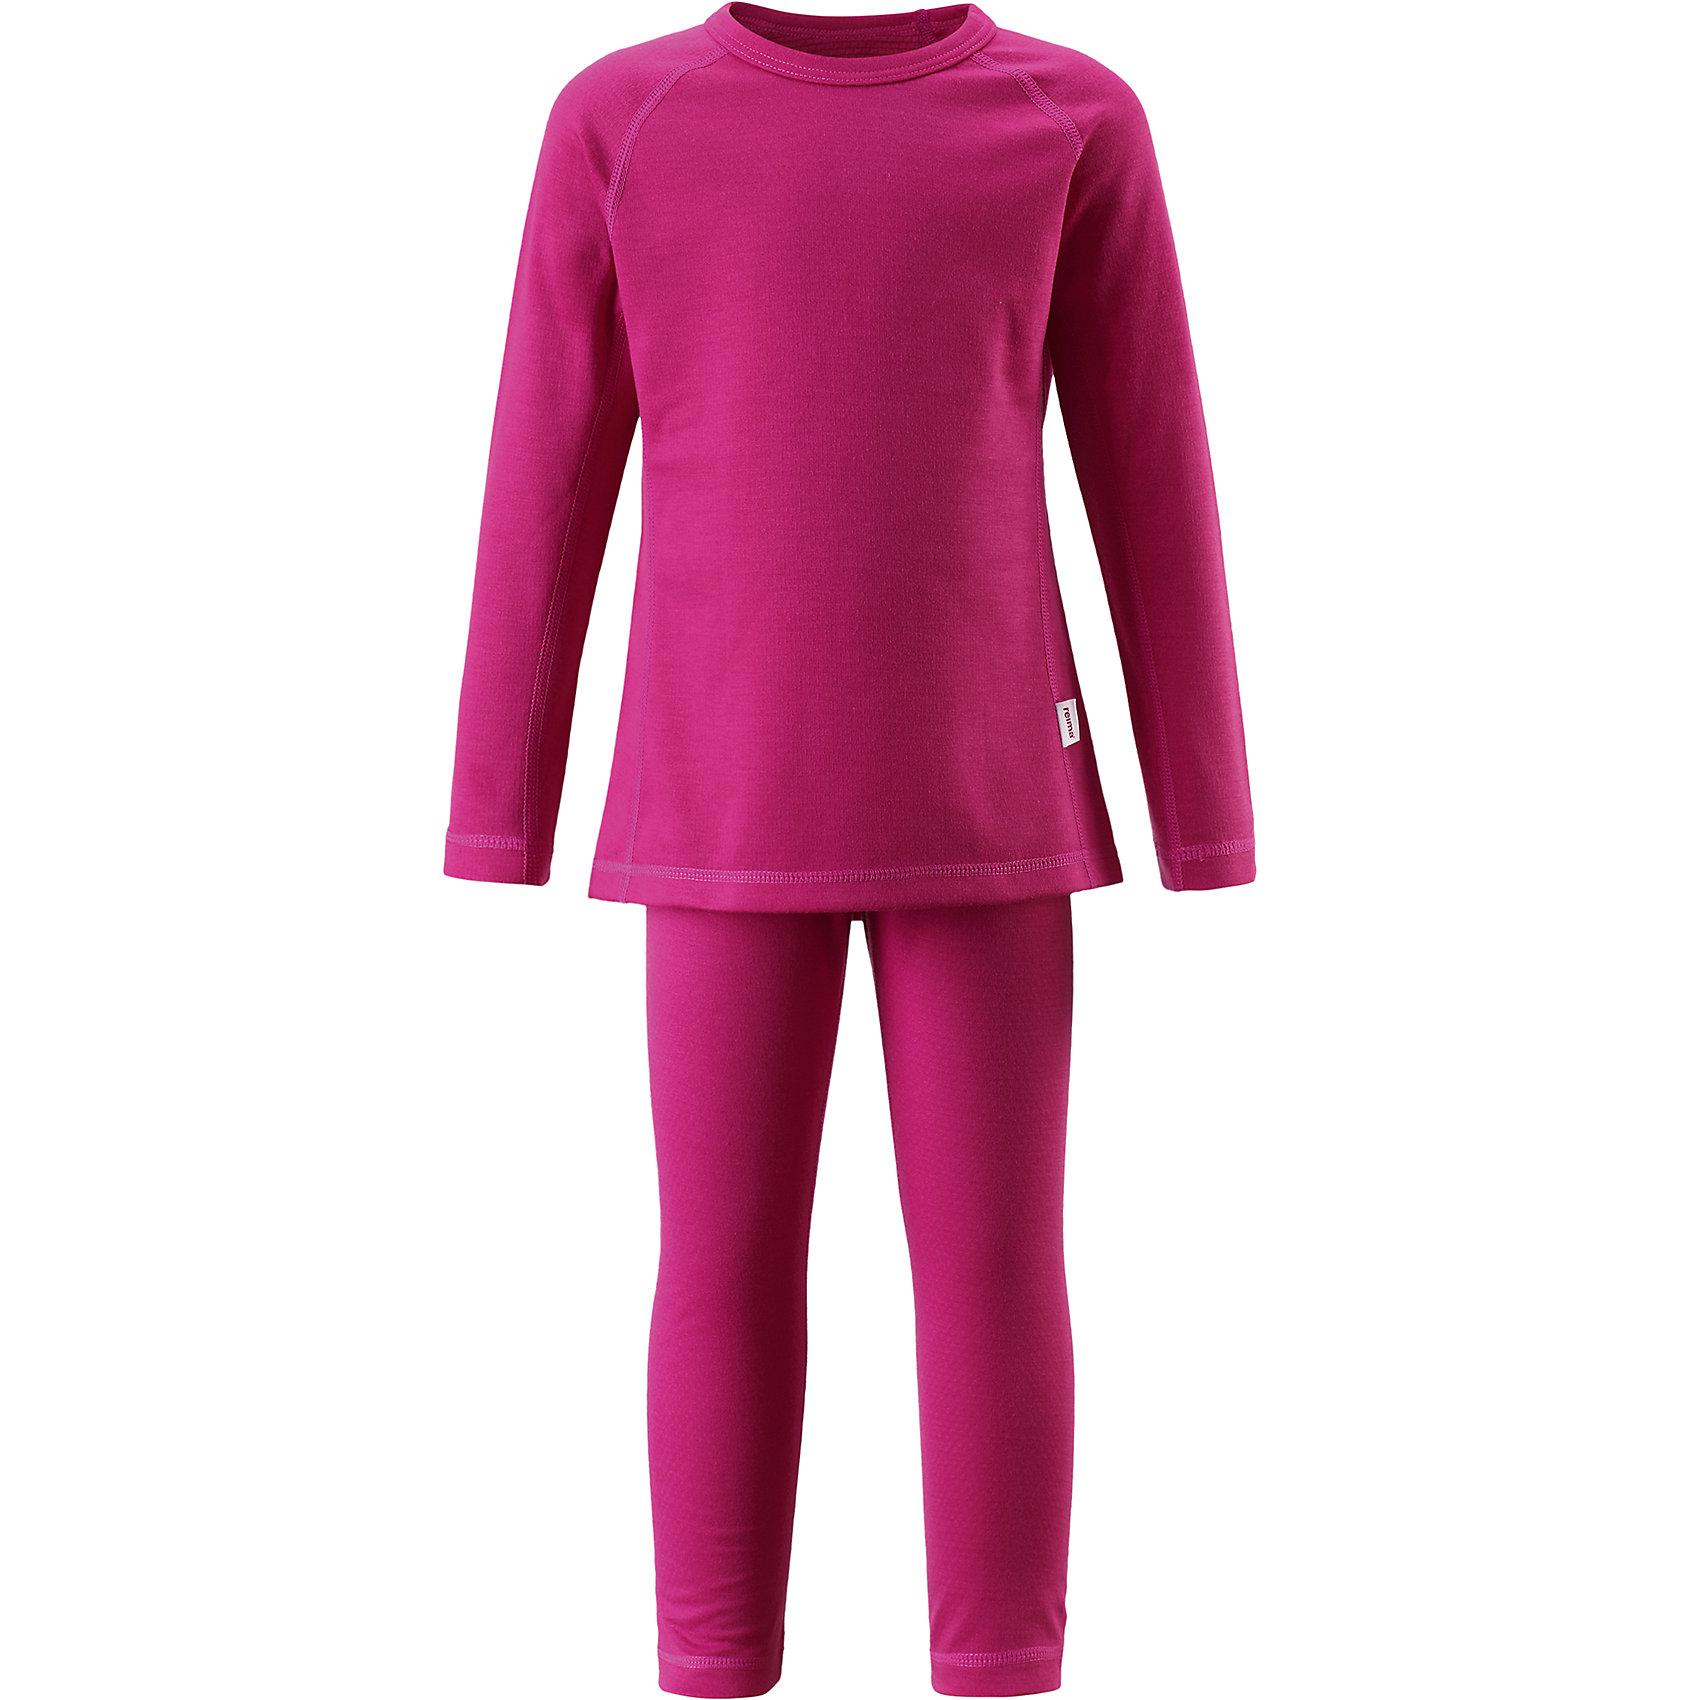 Термобелье Lani для девочки ReimaОдежда<br>Термобелье для девочки Reima.<br>Комплект базового слоя для подростков. Теплый материал Thermolite отводит влагу и сохраняет кожу сухой и приятной, создавая чувство комфорта. Быстро сохнет и сохраняет тепло. Мягкие плоские швы для дополнительного комфорта: не раздражает кожу. Удлиненный подол сзади.<br>Уход:<br>Стирать с бельем одинакового цвета, вывернув наизнанку. Стирать моющим средством, не содержащим отбеливающие вещества. Полоскать без специального средства. Придать первоначальную форму вo влажном виде. Сушить при низкой температуре. <br>Состав:<br>43% полиэстер THERMOLITE®, 53% полиэстер, 4% sorona<br><br>Ширина мм: 215<br>Глубина мм: 88<br>Высота мм: 191<br>Вес г: 336<br>Цвет: розовый<br>Возраст от месяцев: 108<br>Возраст до месяцев: 120<br>Пол: Женский<br>Возраст: Детский<br>Размер: 140,120,110,80,160,130,100,150,90<br>SKU: 4775030